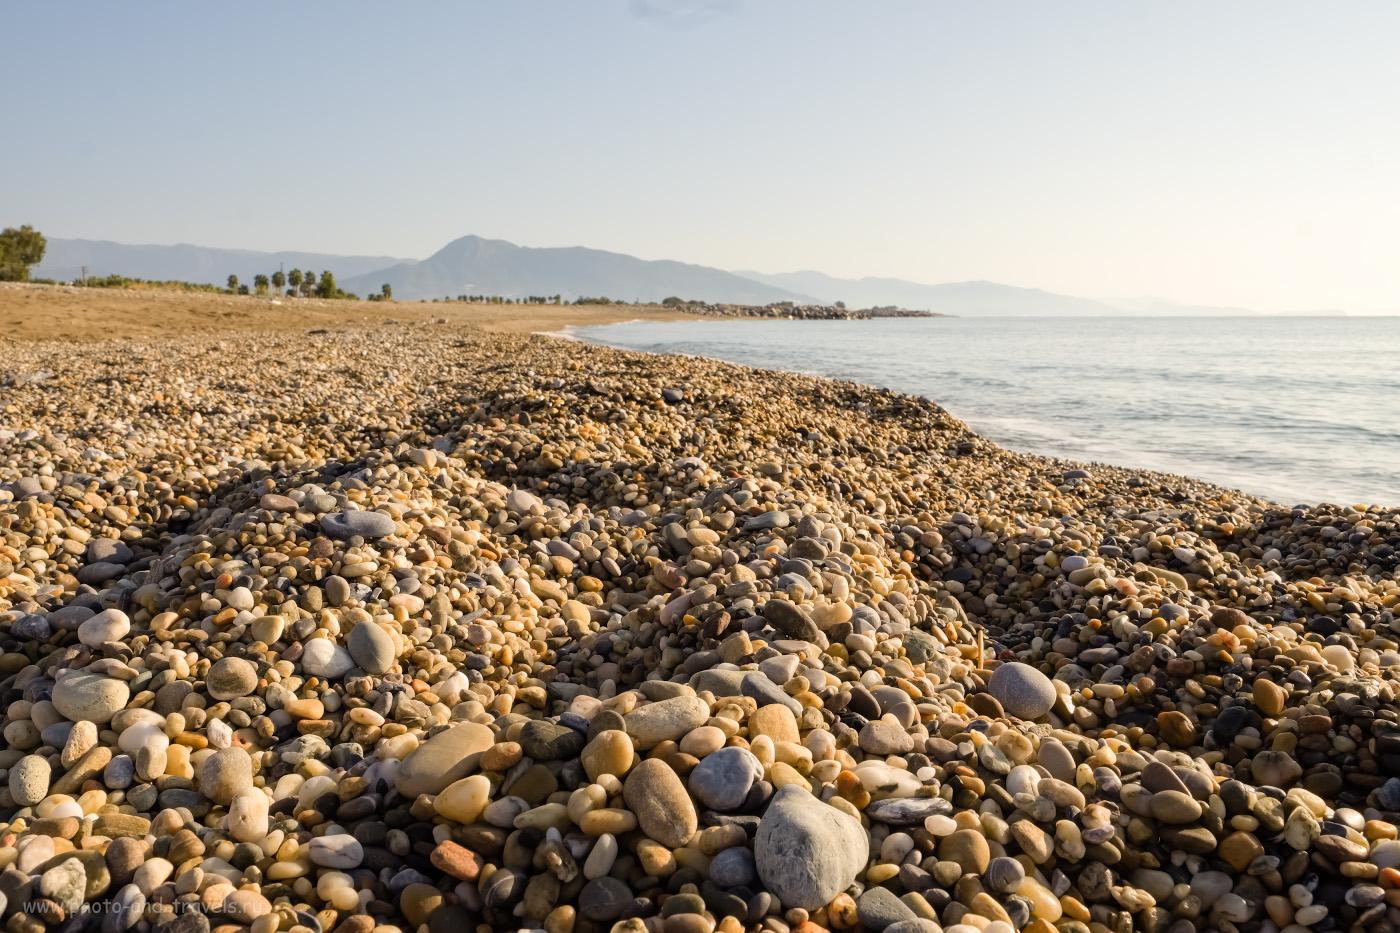 Фотография 20. Пляж в Анамуре галечный, очень чистый. Отчет о путешествии по Турции по нестандартным местам. 1/140, 16.0, 200, -0.33, 19.